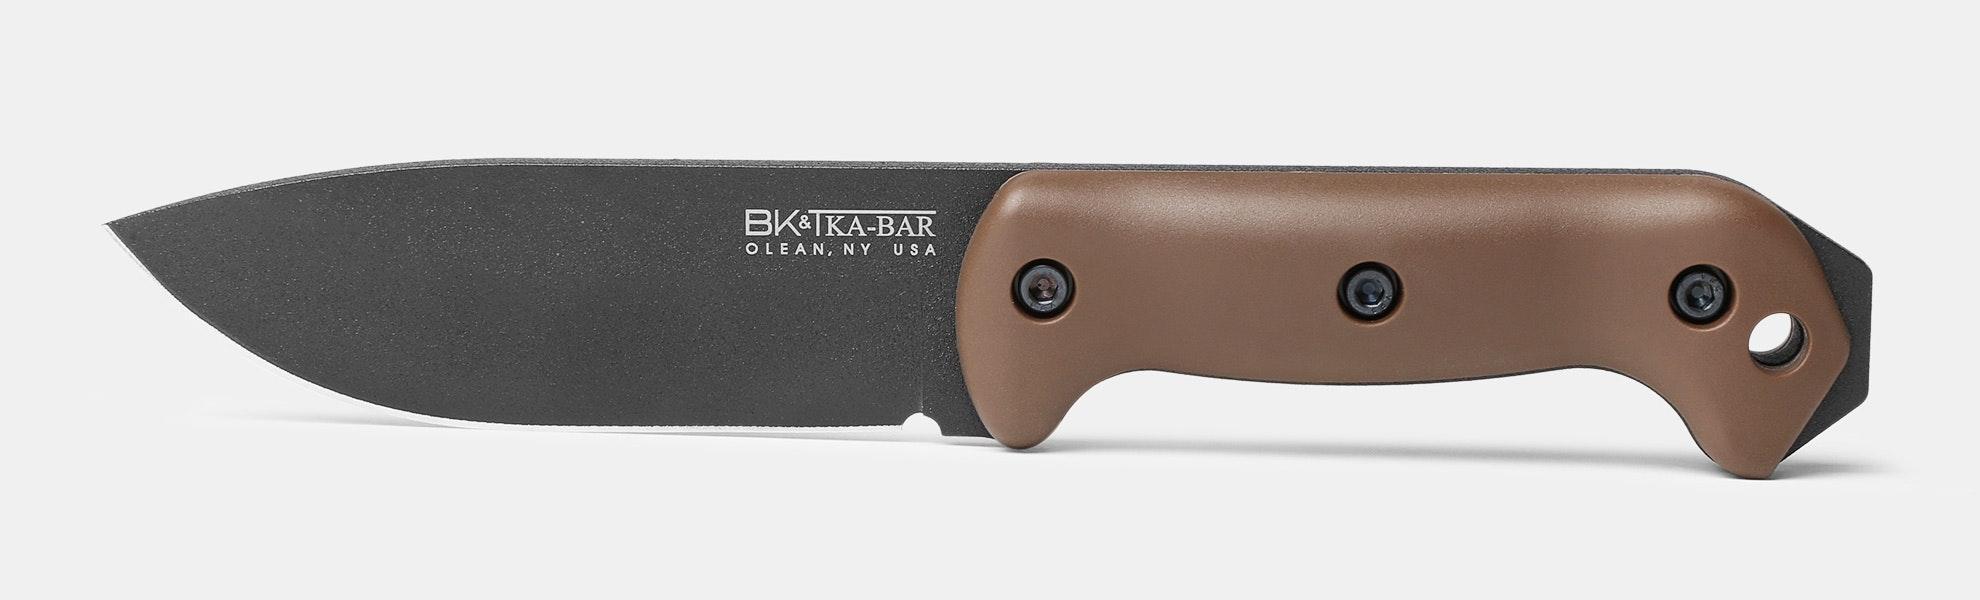 KA-BAR Becker BK2 Campanion Knife (Flat Dark Earth)